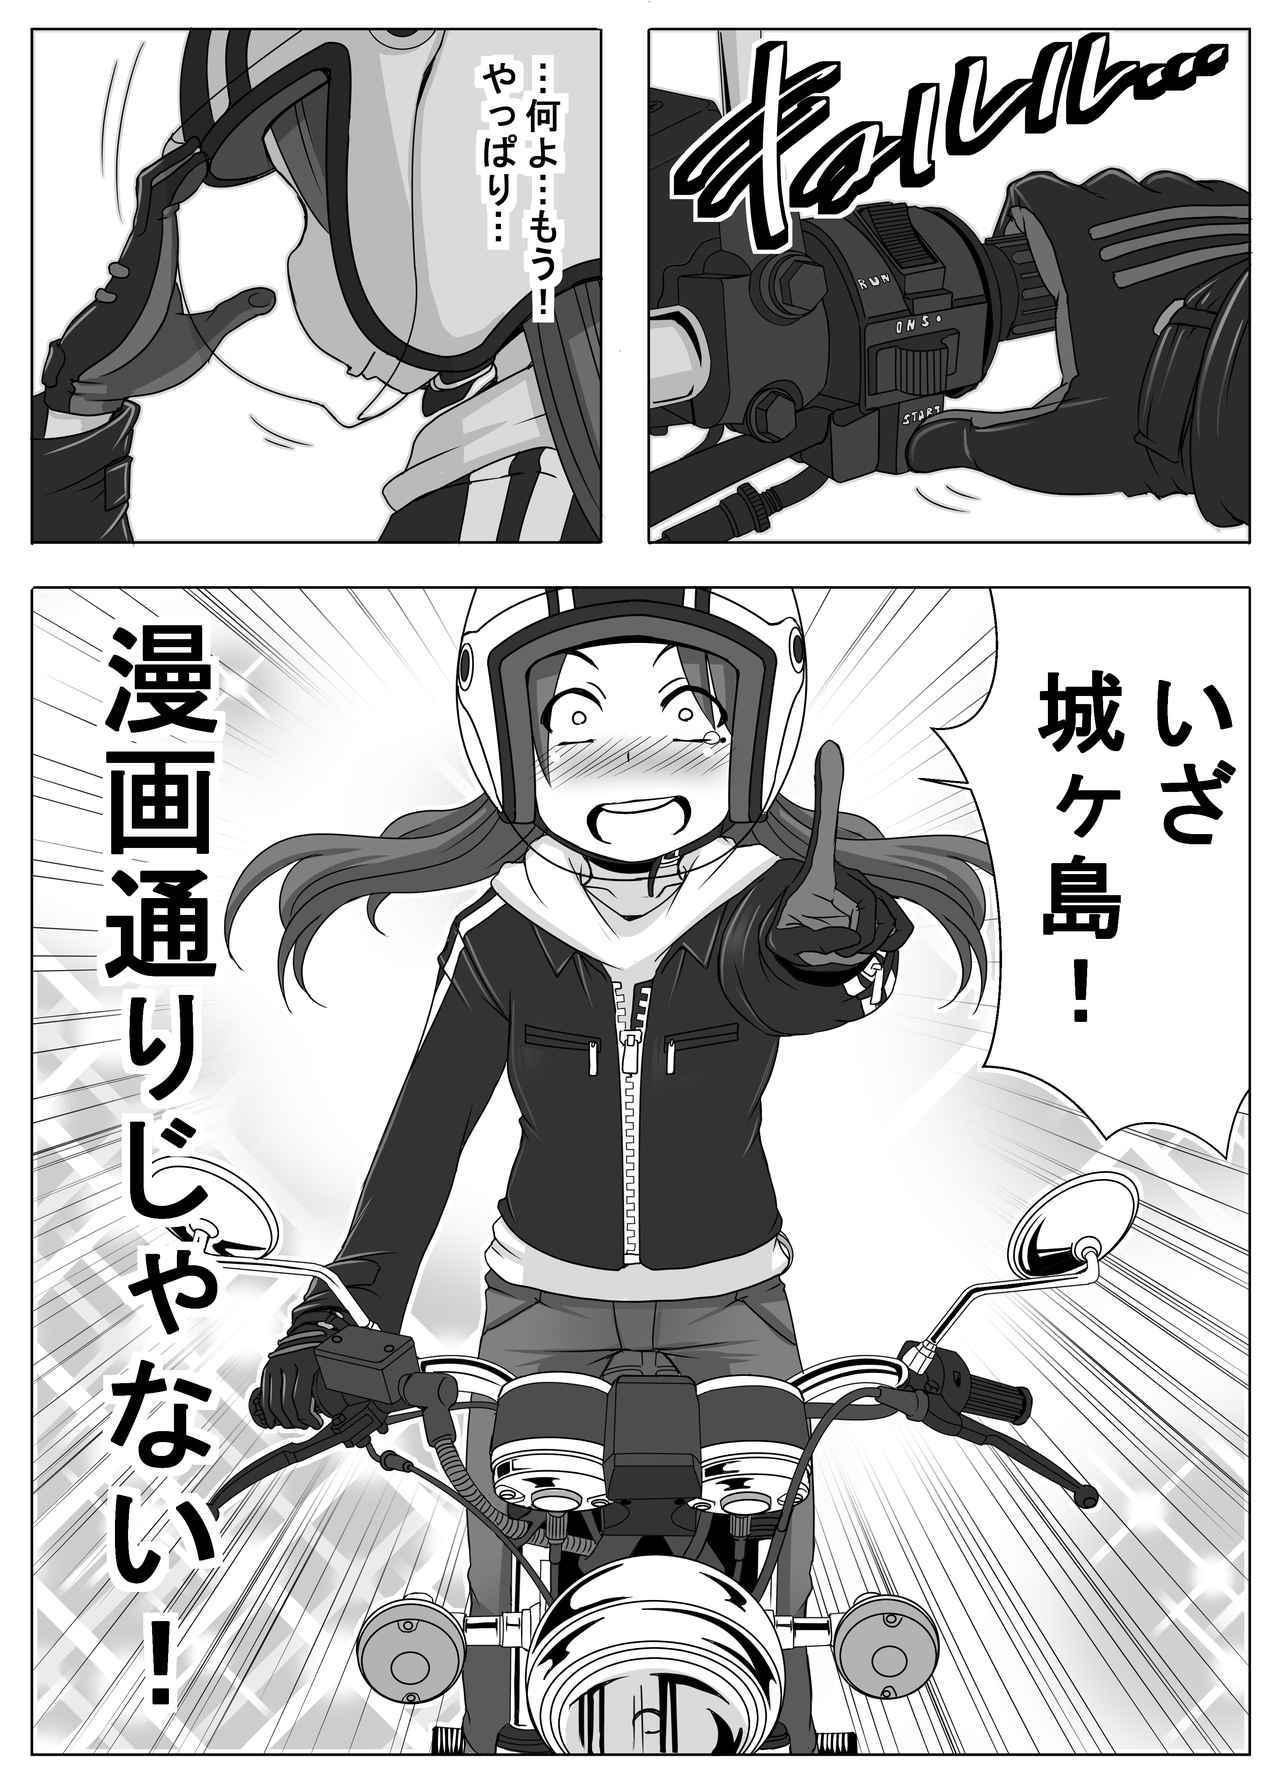 画像10: 【連載】馬場郁子がこよなくバイクを愛す理由(第十六話:漫画通りなワケ)作:鈴木秀吉